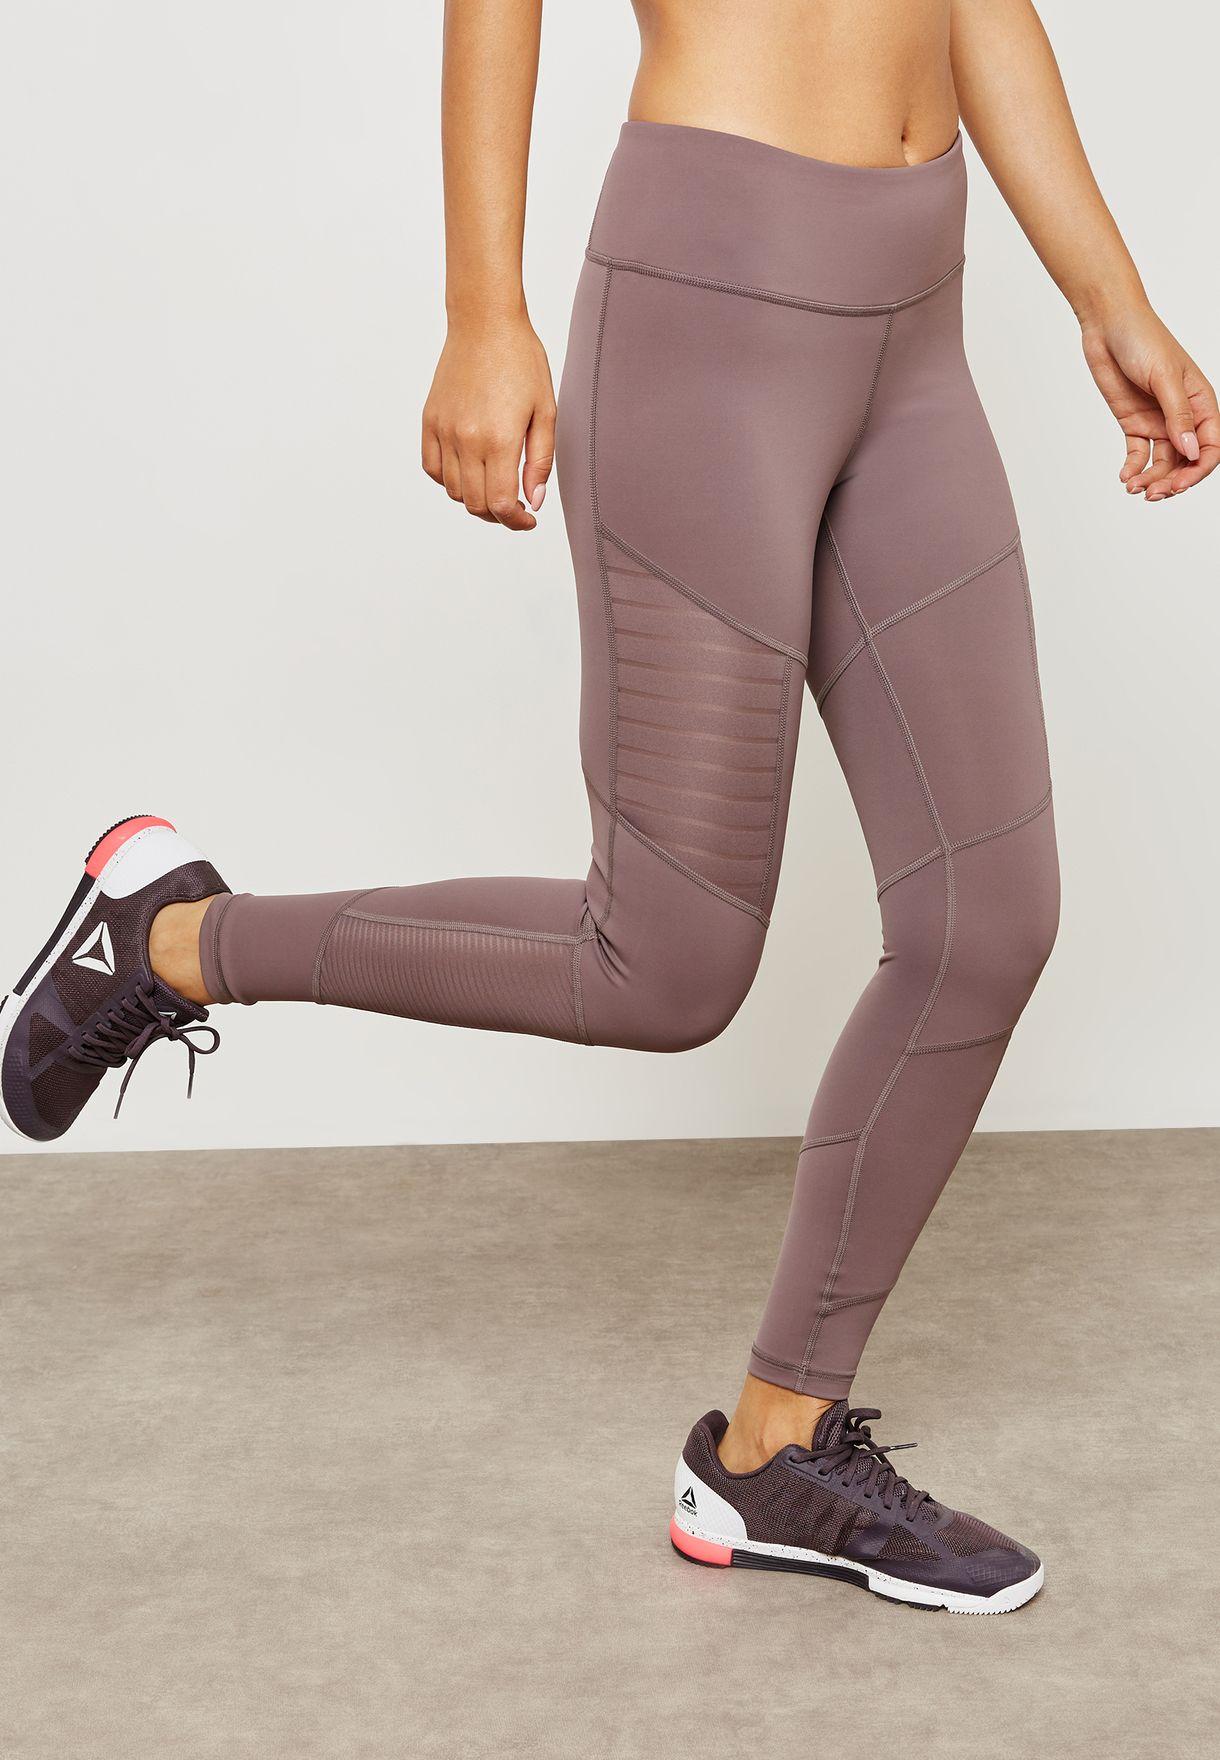 Buy Reebok Purple Mesh Leggings For Women In Mena Worldwide Cz9486